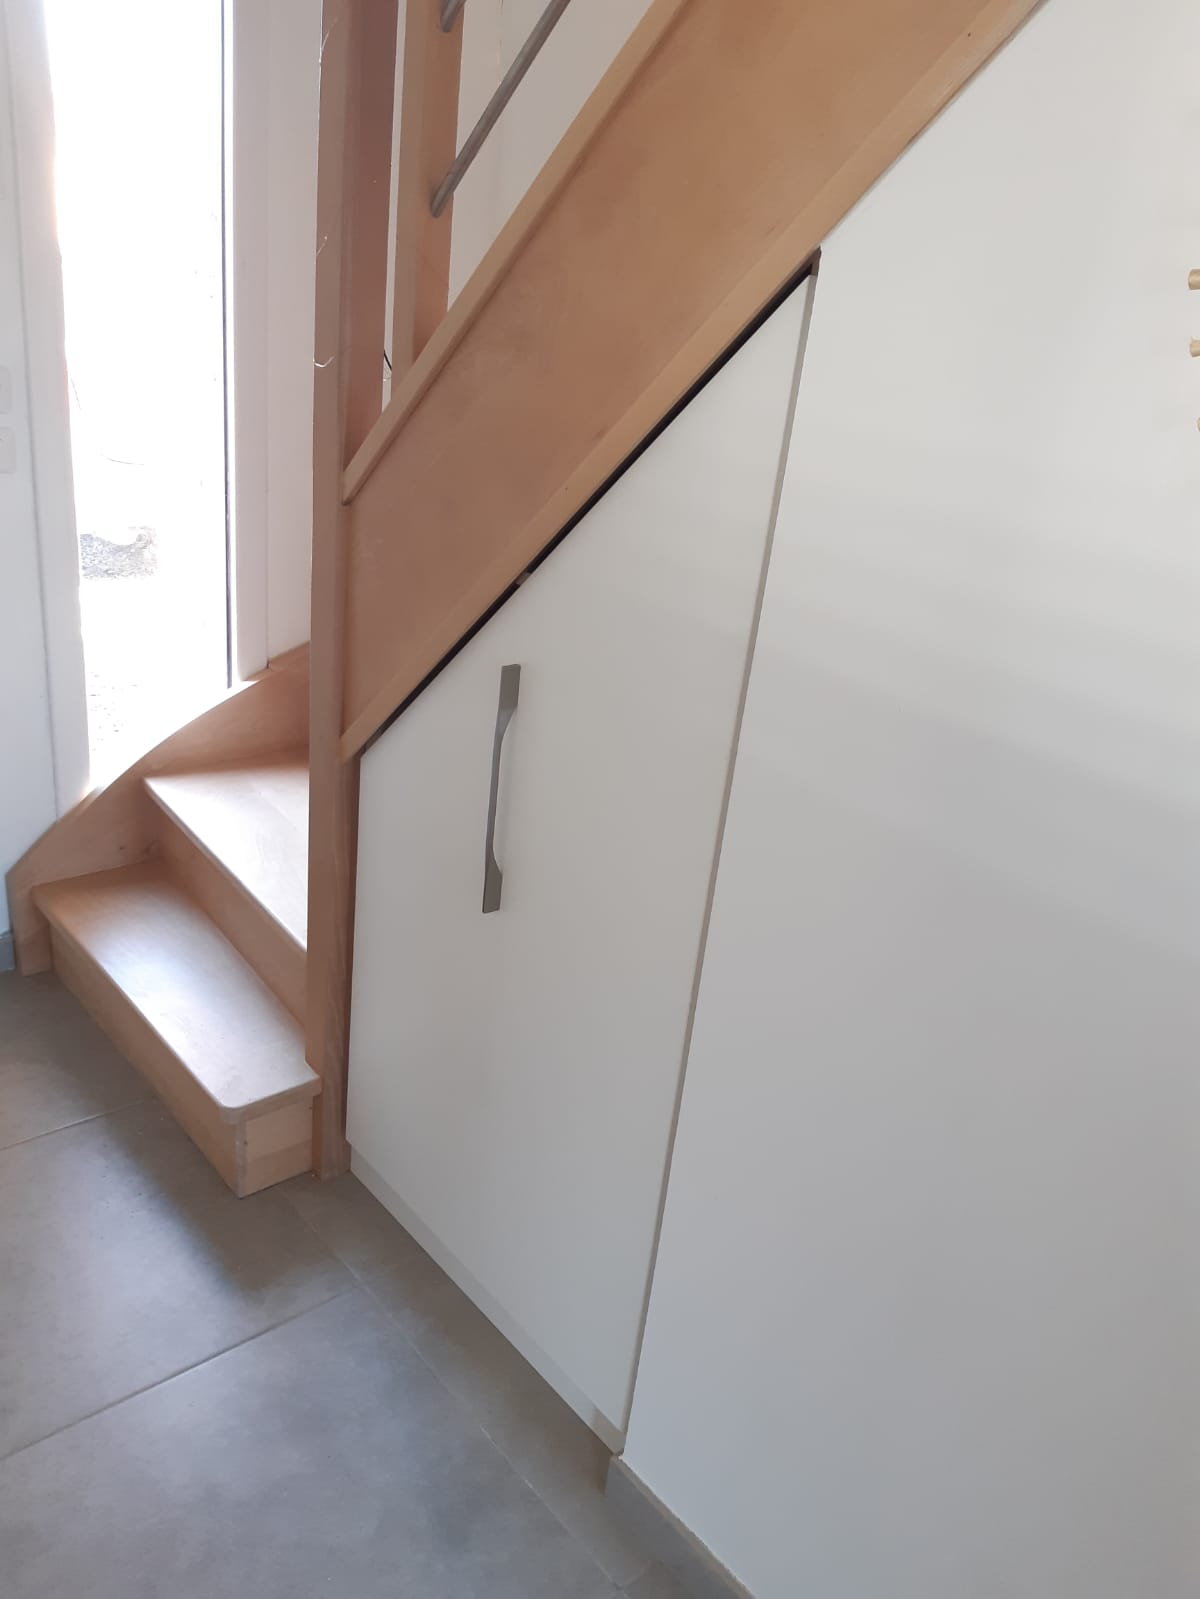 Aménagement sous escalier avec caisson coulissant - Kiosque Aménagement